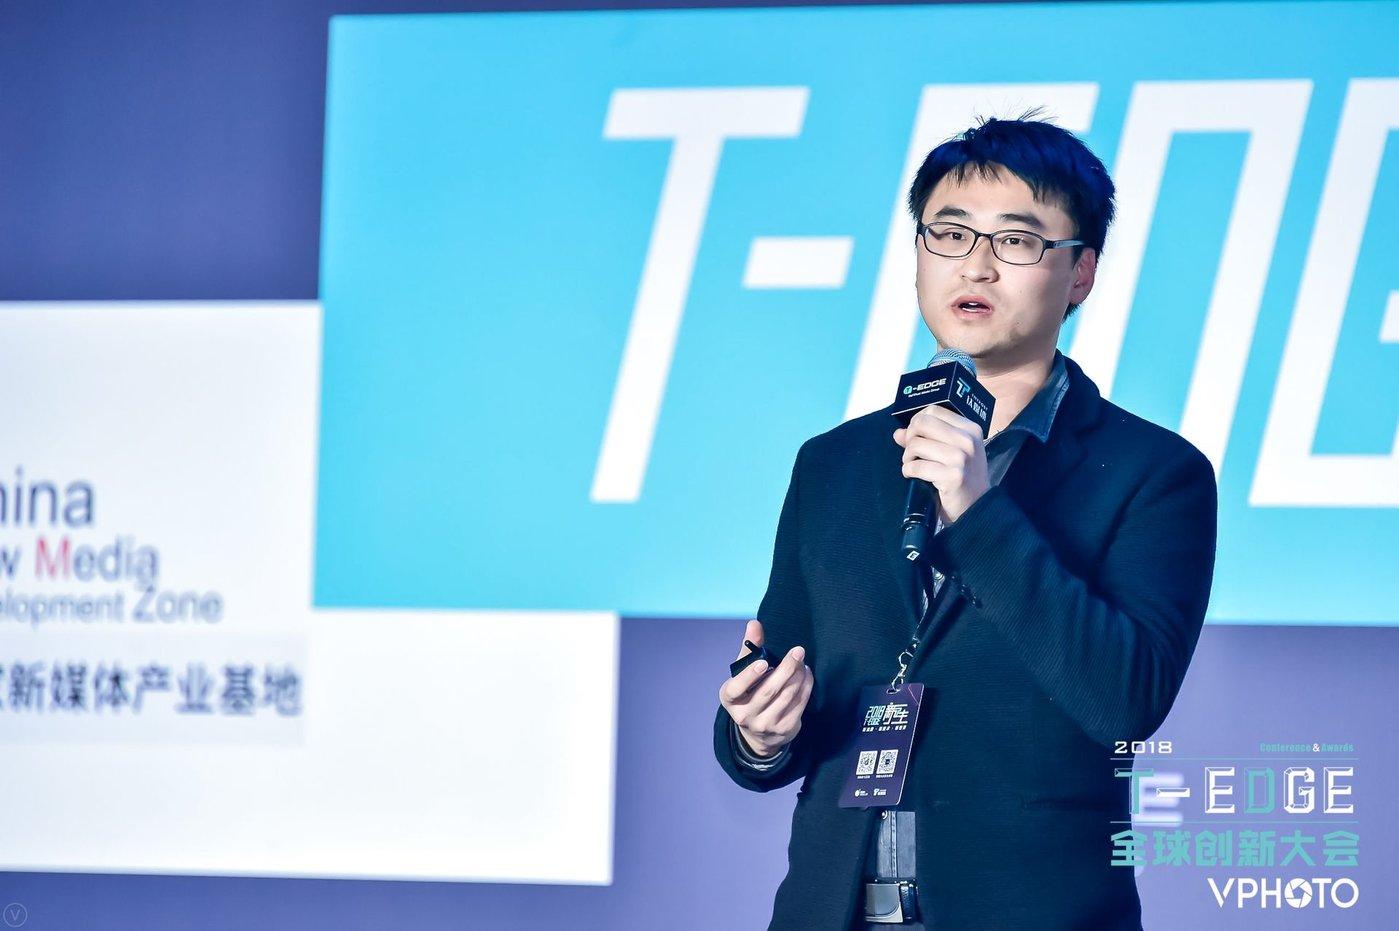 掌门1对1联合创始人兼首席战略官吴佳峻在2018 T-EDGE 全球创新大会演讲